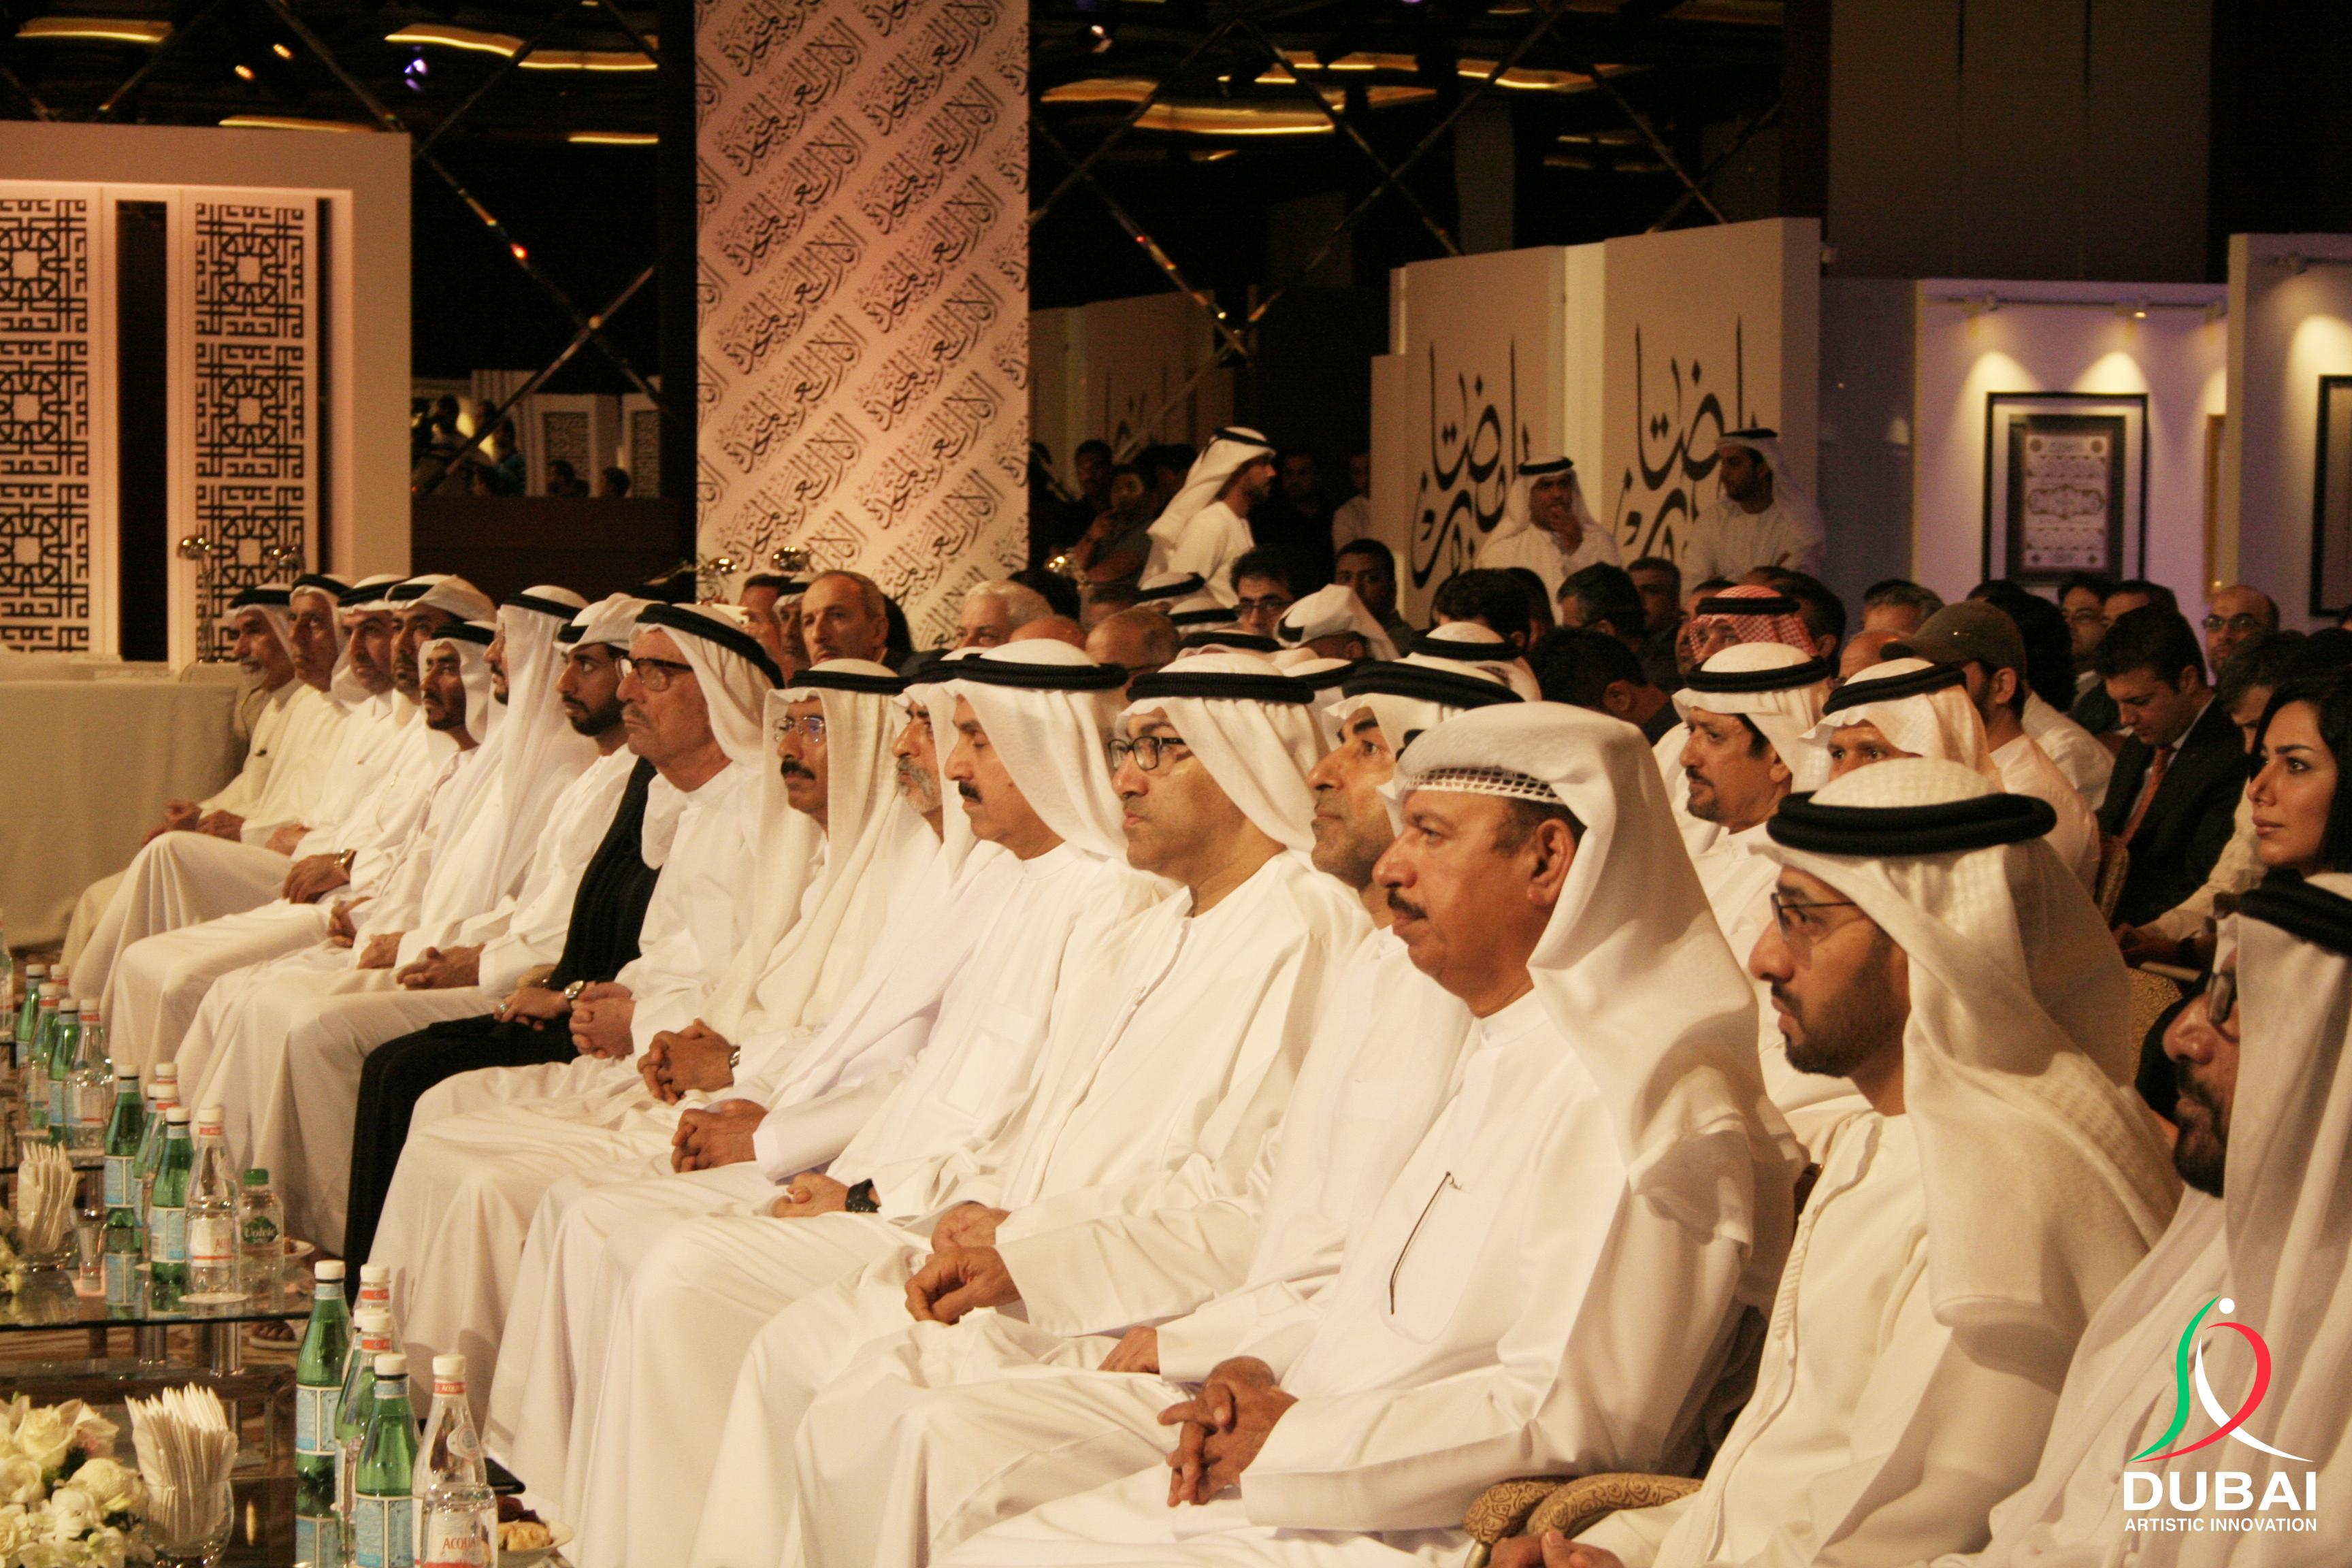 ملتقى رمضان لخط القران الكريم 2016